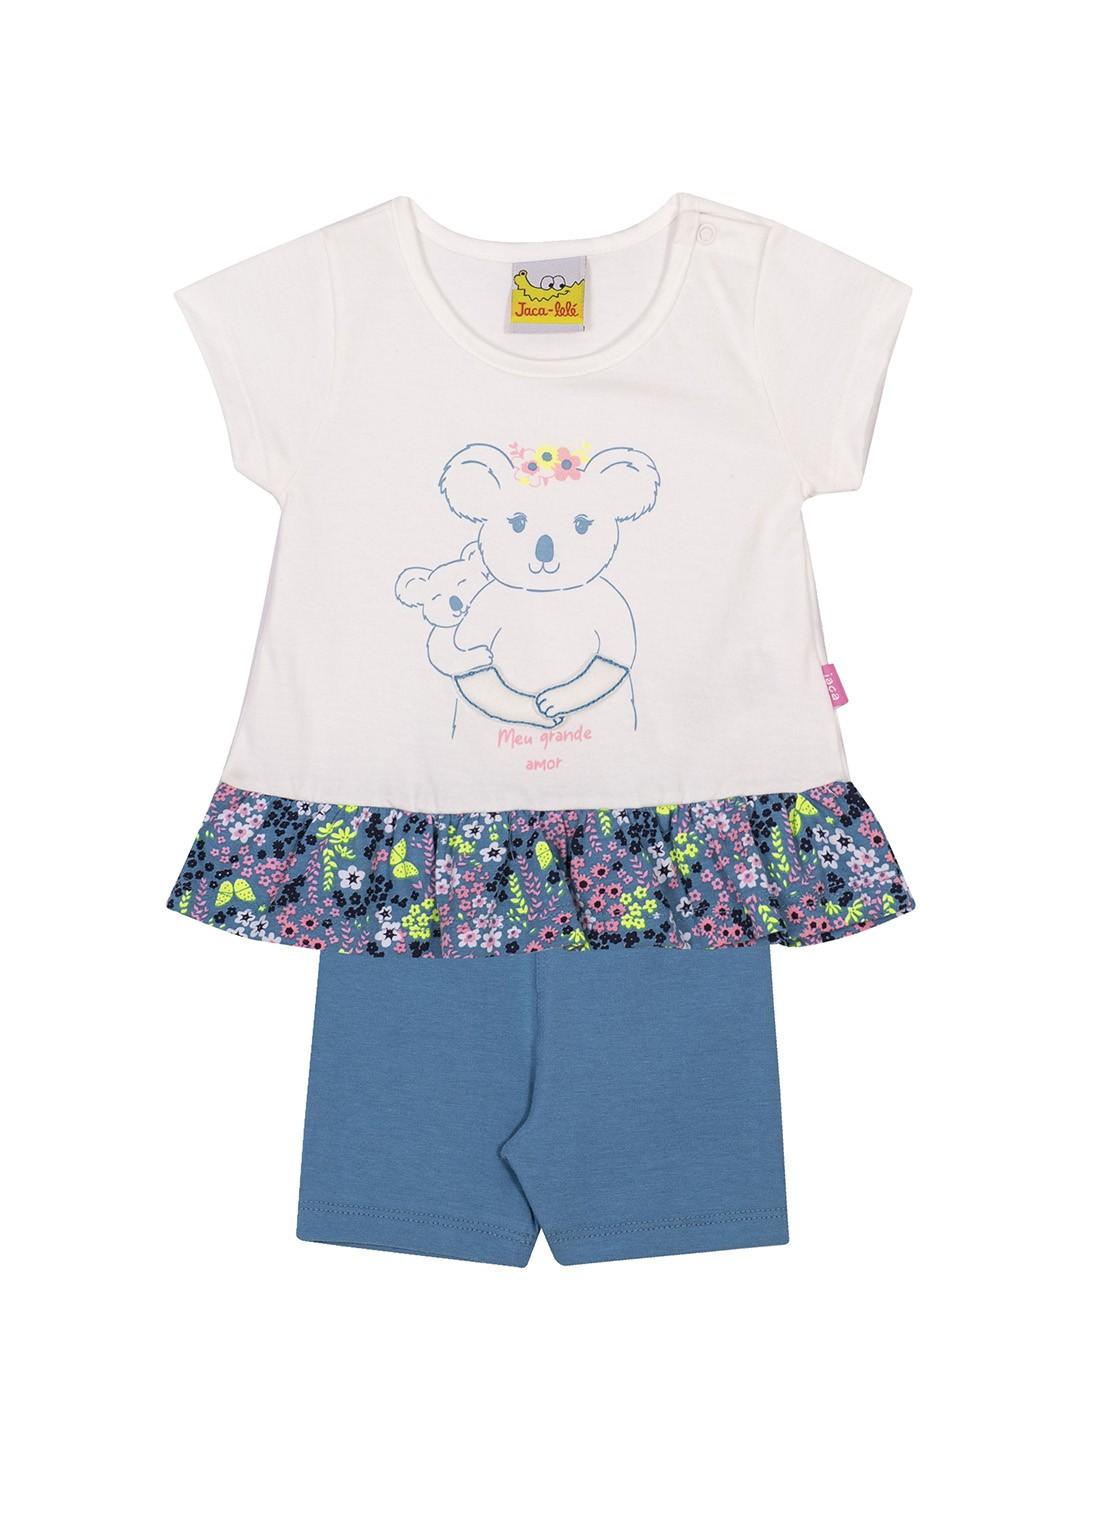 Conjunto Infantil Blusa e Shorts JACA-LELÉ  Ursinha Branco e Azul